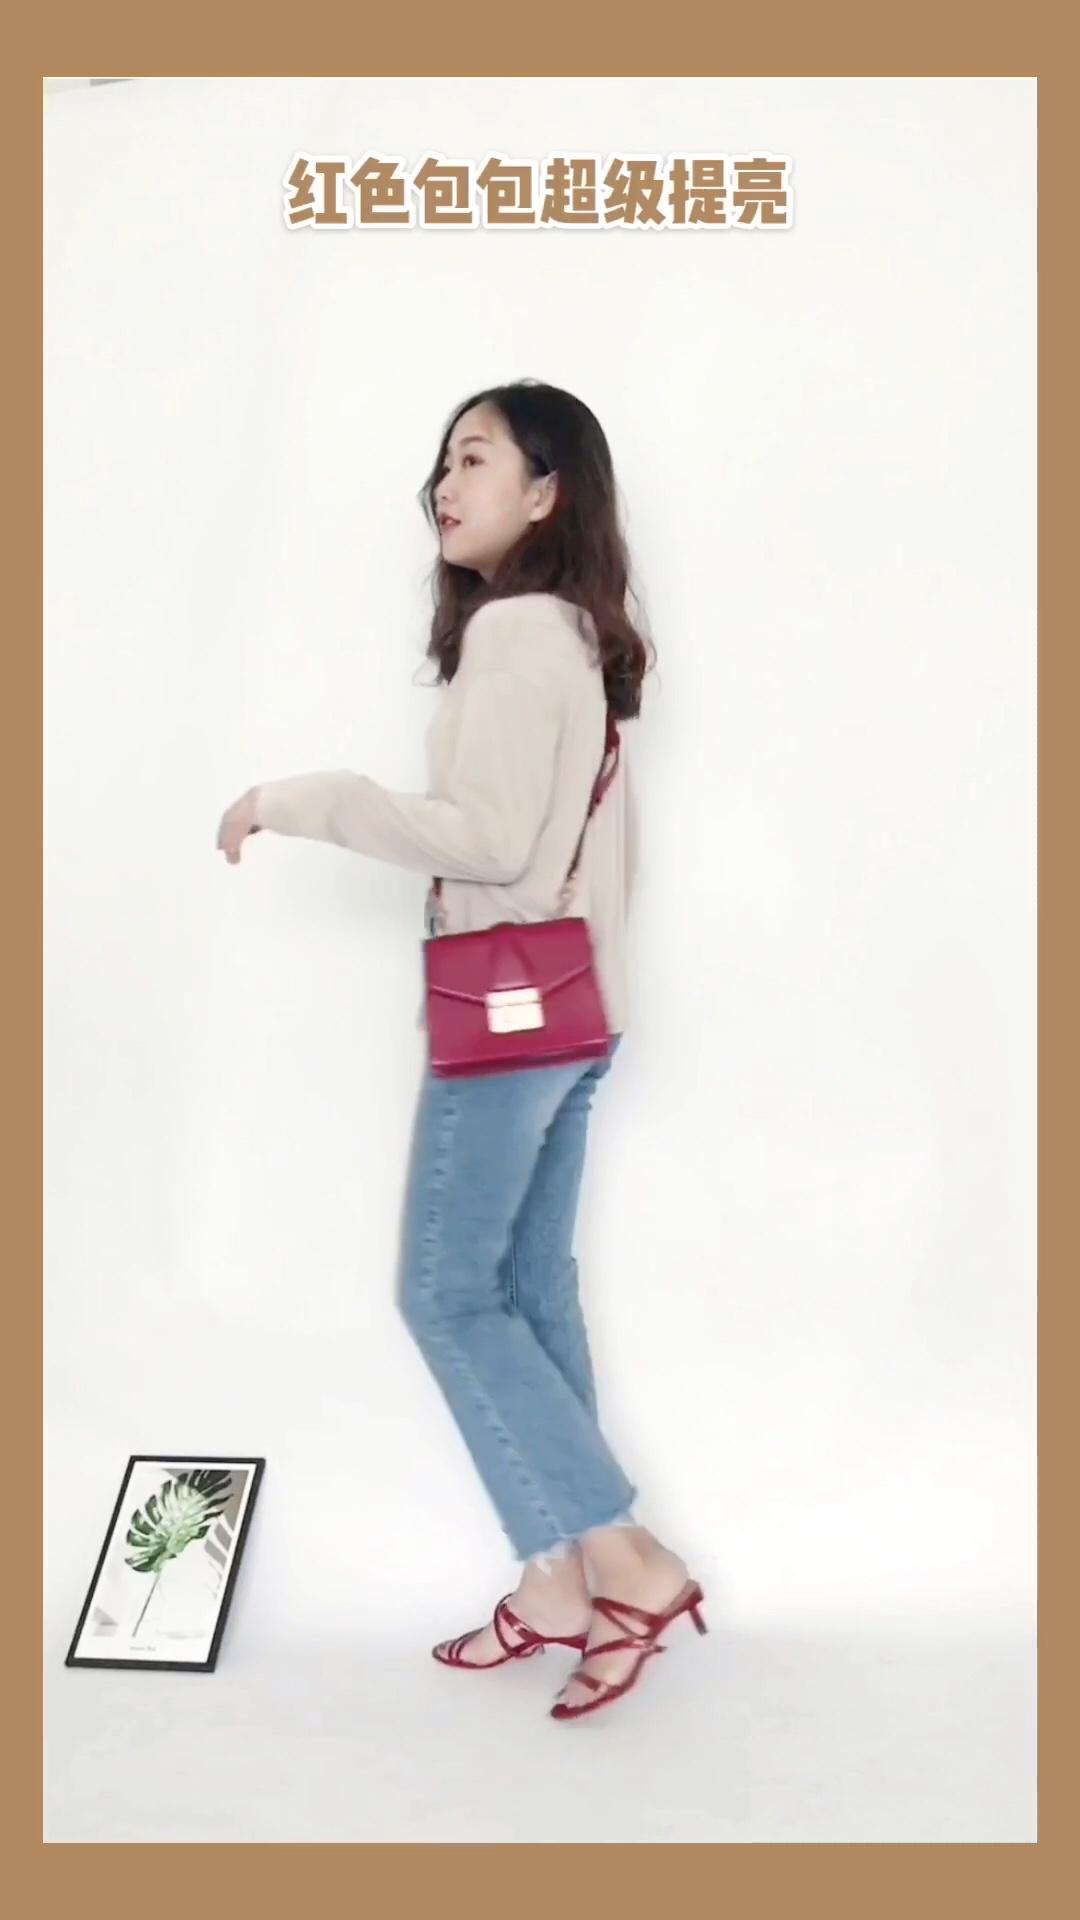 #奶茶色穿搭,好看到上头# 每日穿搭 奶茶色系的穿搭超适合初秋! 这件奶茶色针织超级温柔 搭配牛仔裤很chic包包和凉鞋都选择了红色单品提亮